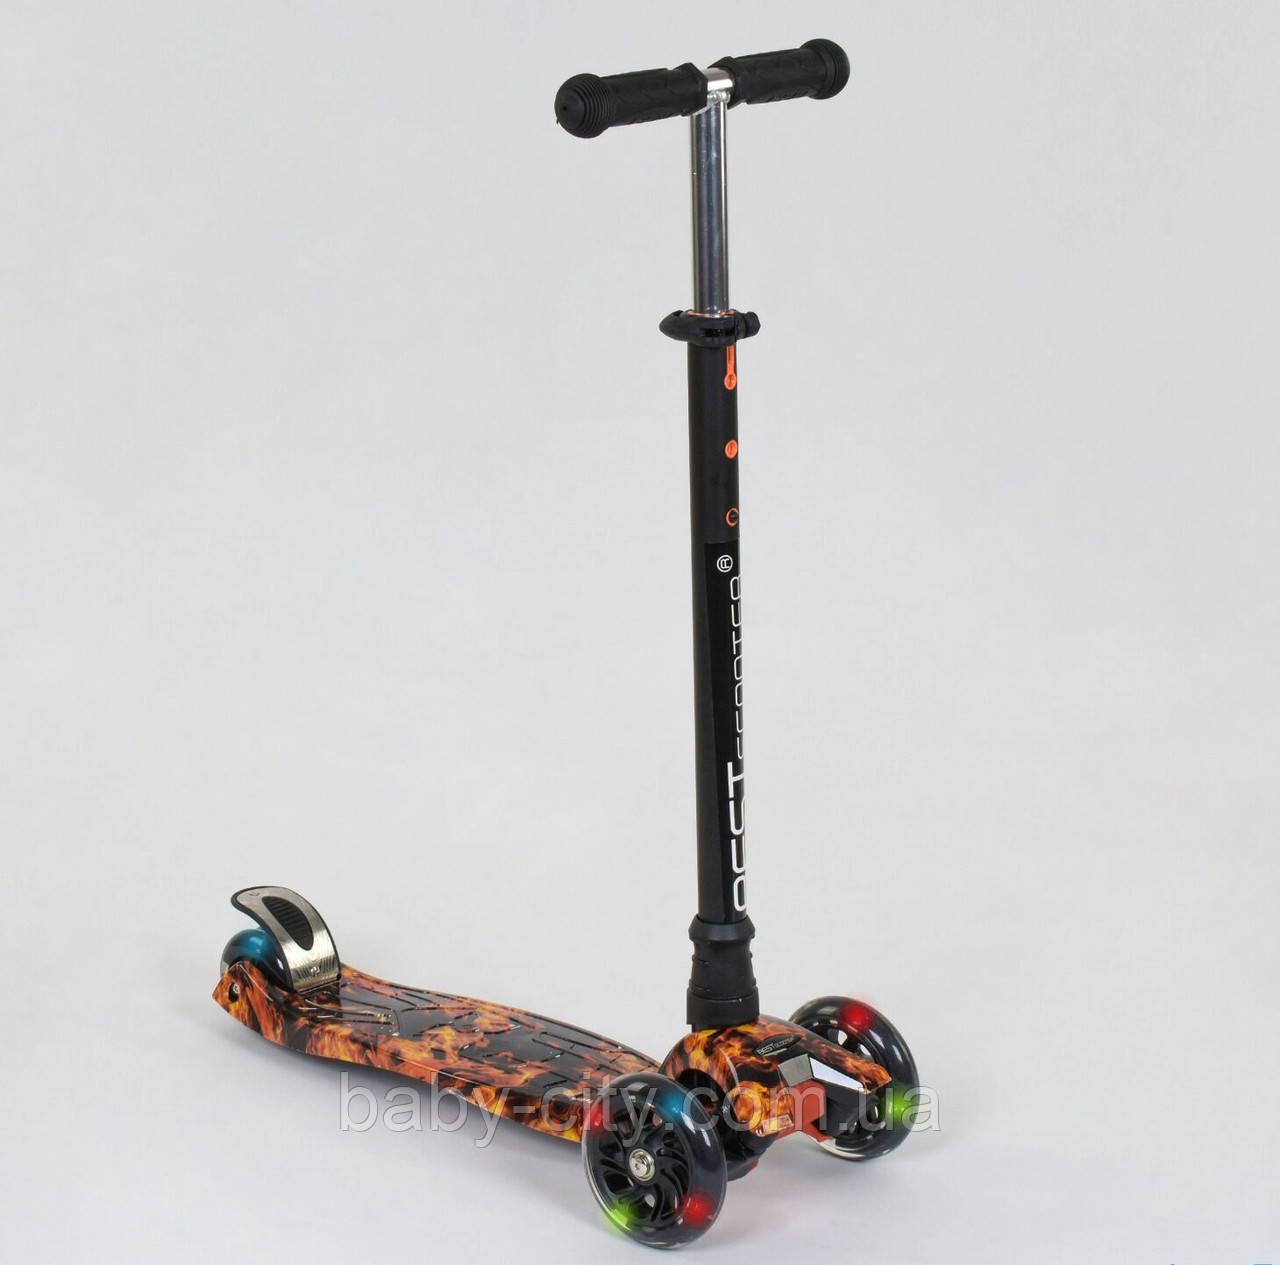 Самокат Best Scooter Maxi А 24661 /779-1310